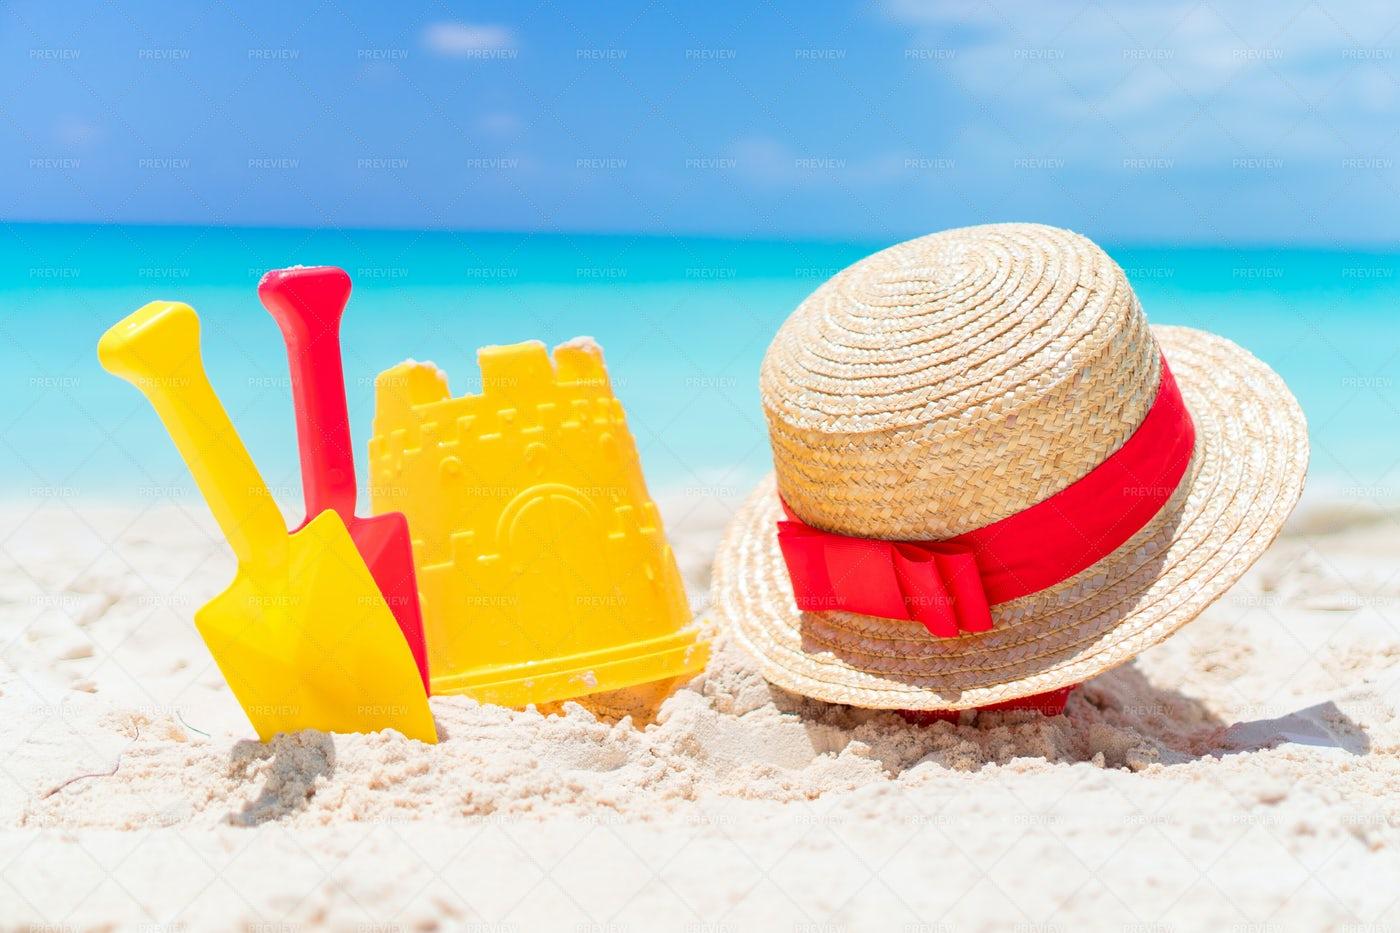 Beach Kid's Toys On White Sand: Stock Photos